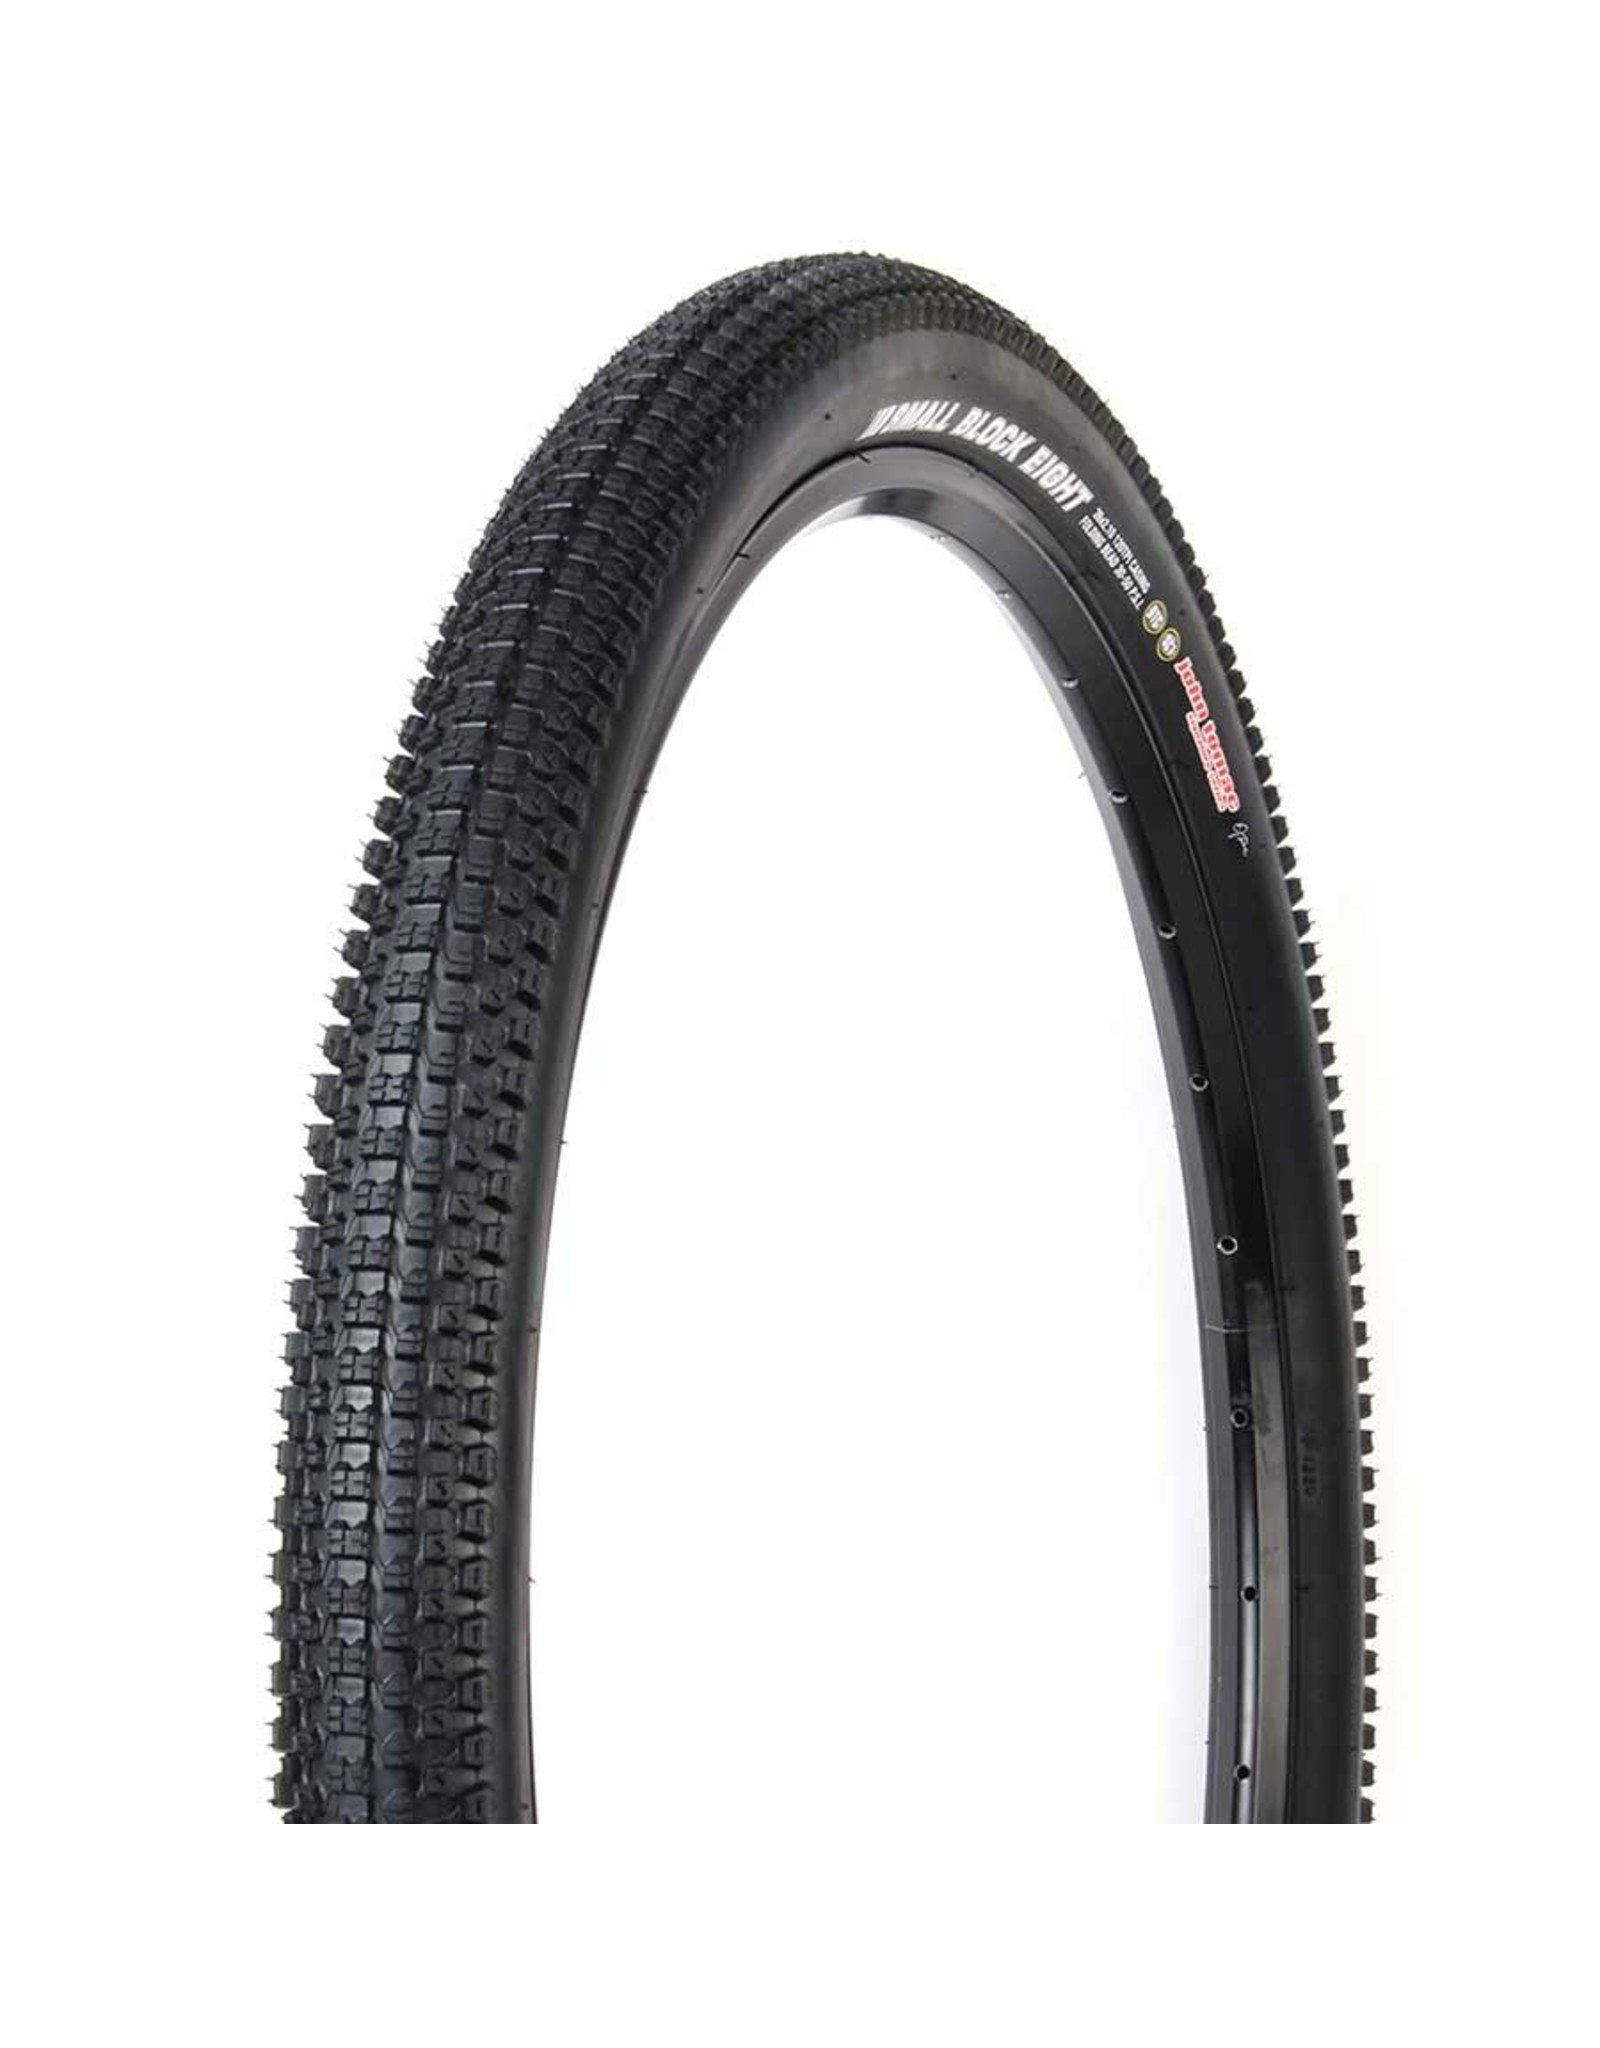 Kenda, Small Block 8, Tire, 26''x2.35, Wire, Clincher, DTC, 60TPI, Black